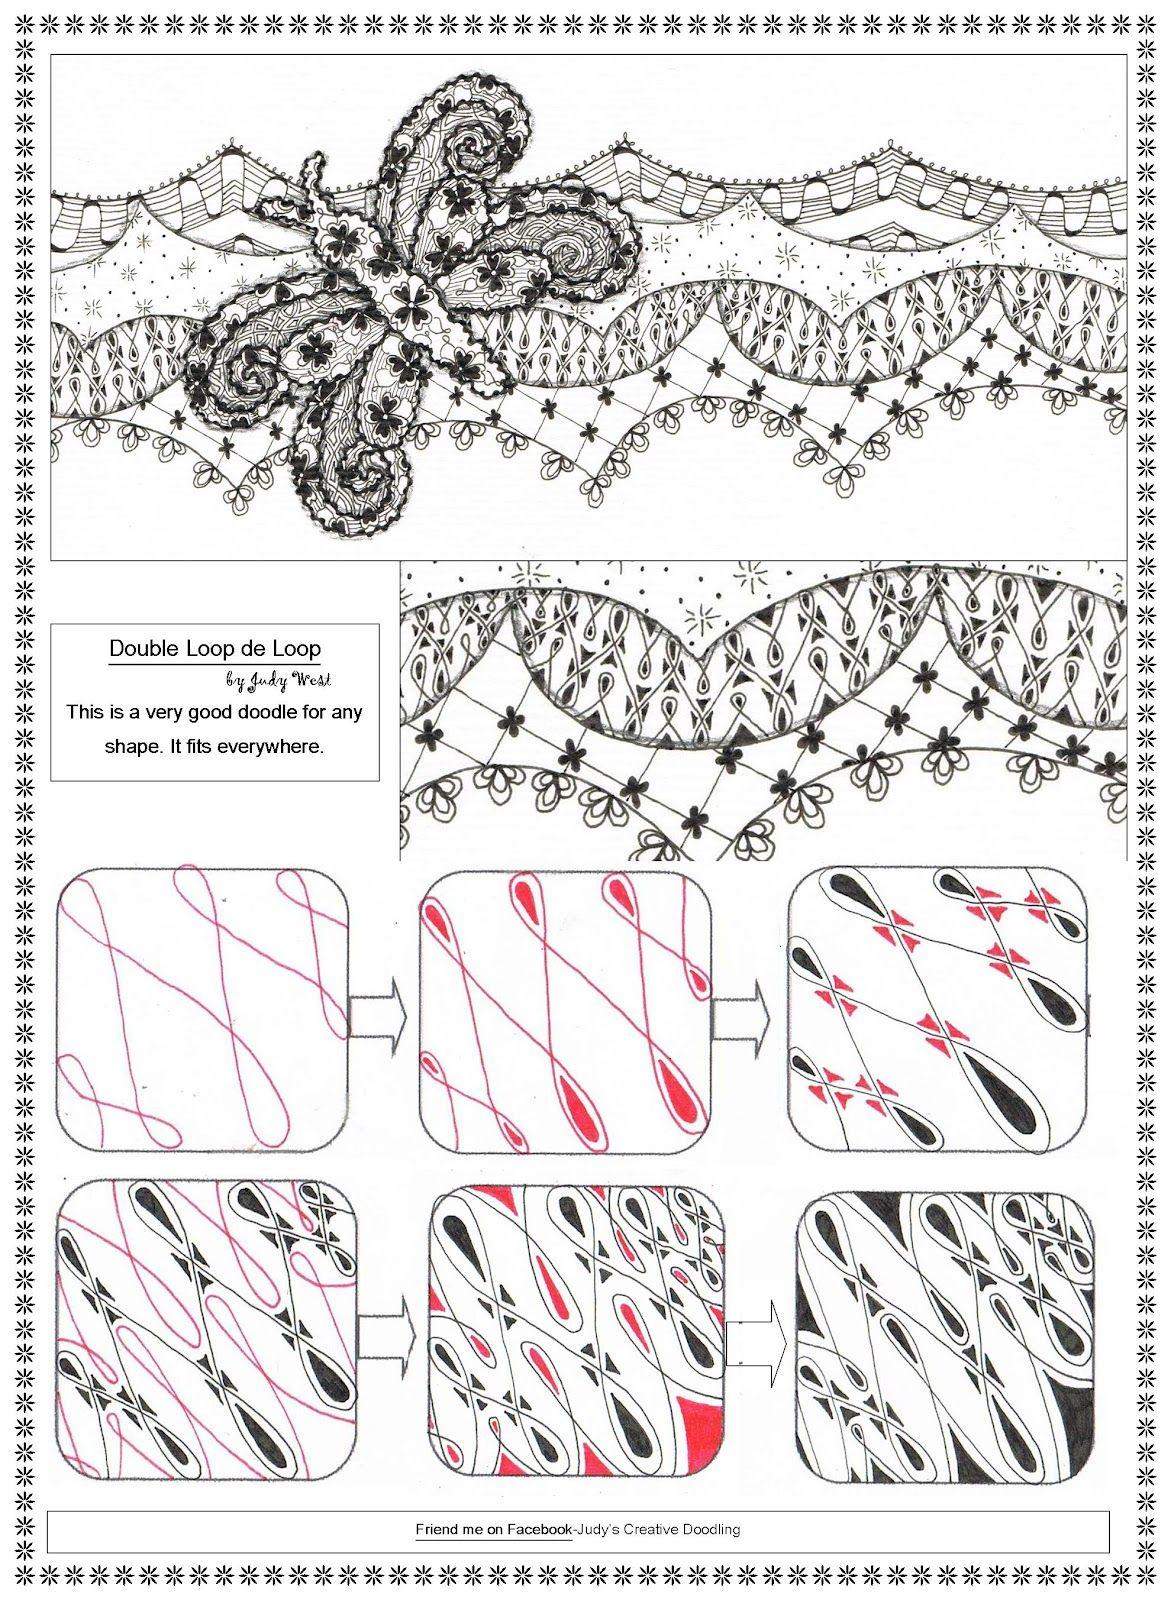 Creative Doodling with Judy West: Double Loop De Loop